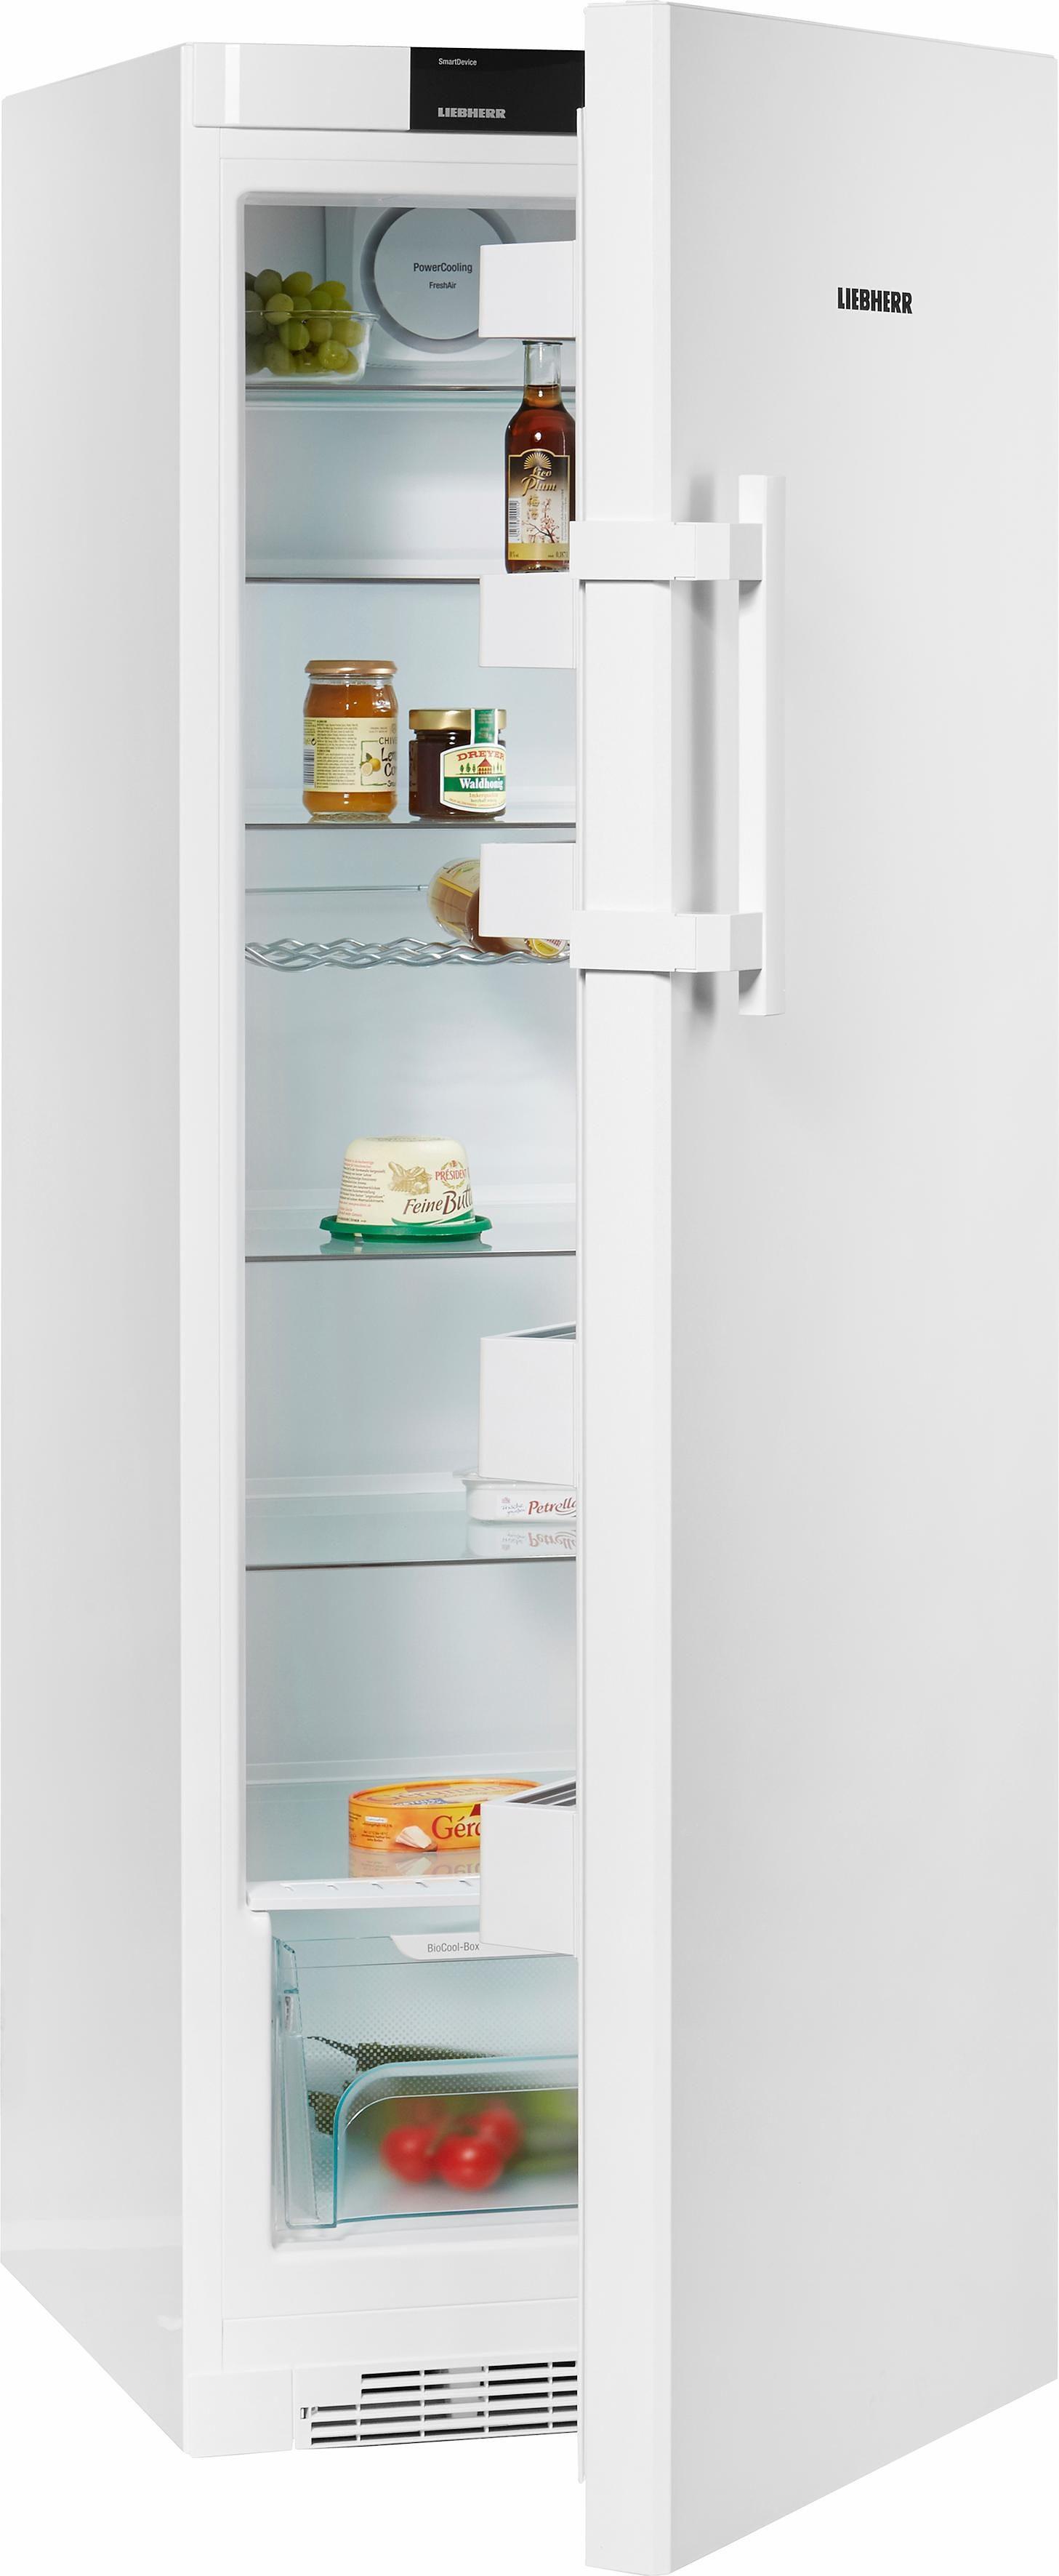 Liebherr Standkühlschrank K 3710-20, A+++, 165 cm hoch